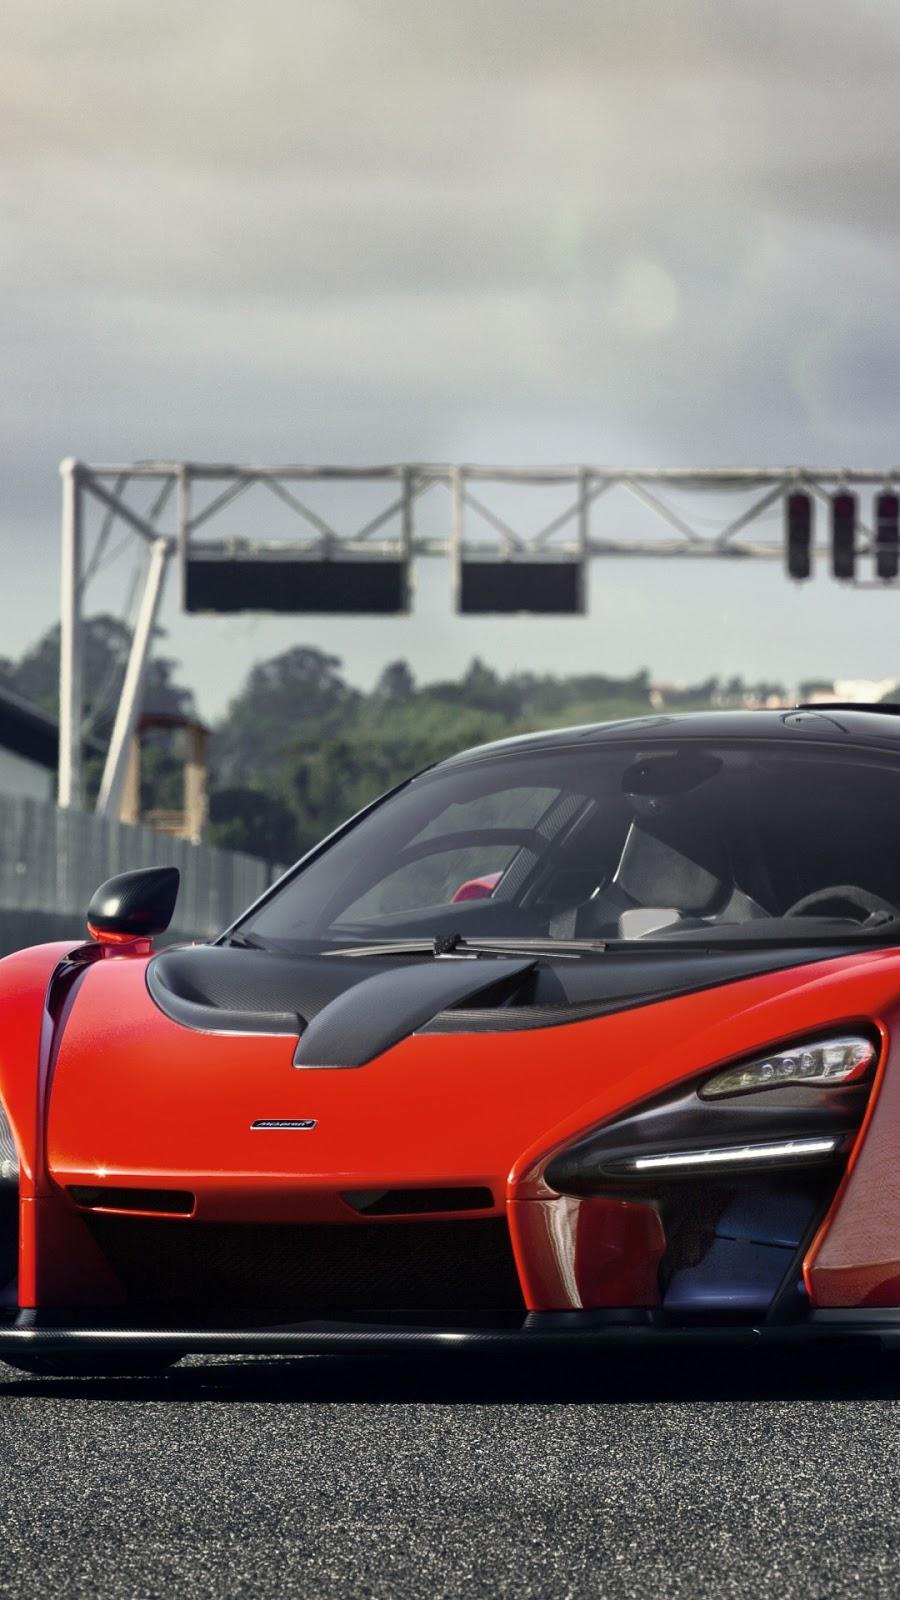 Papel de parede grátis Carro McLaren Senna Delta Red para PC, Notebook, iPhone, Android e Tablet.